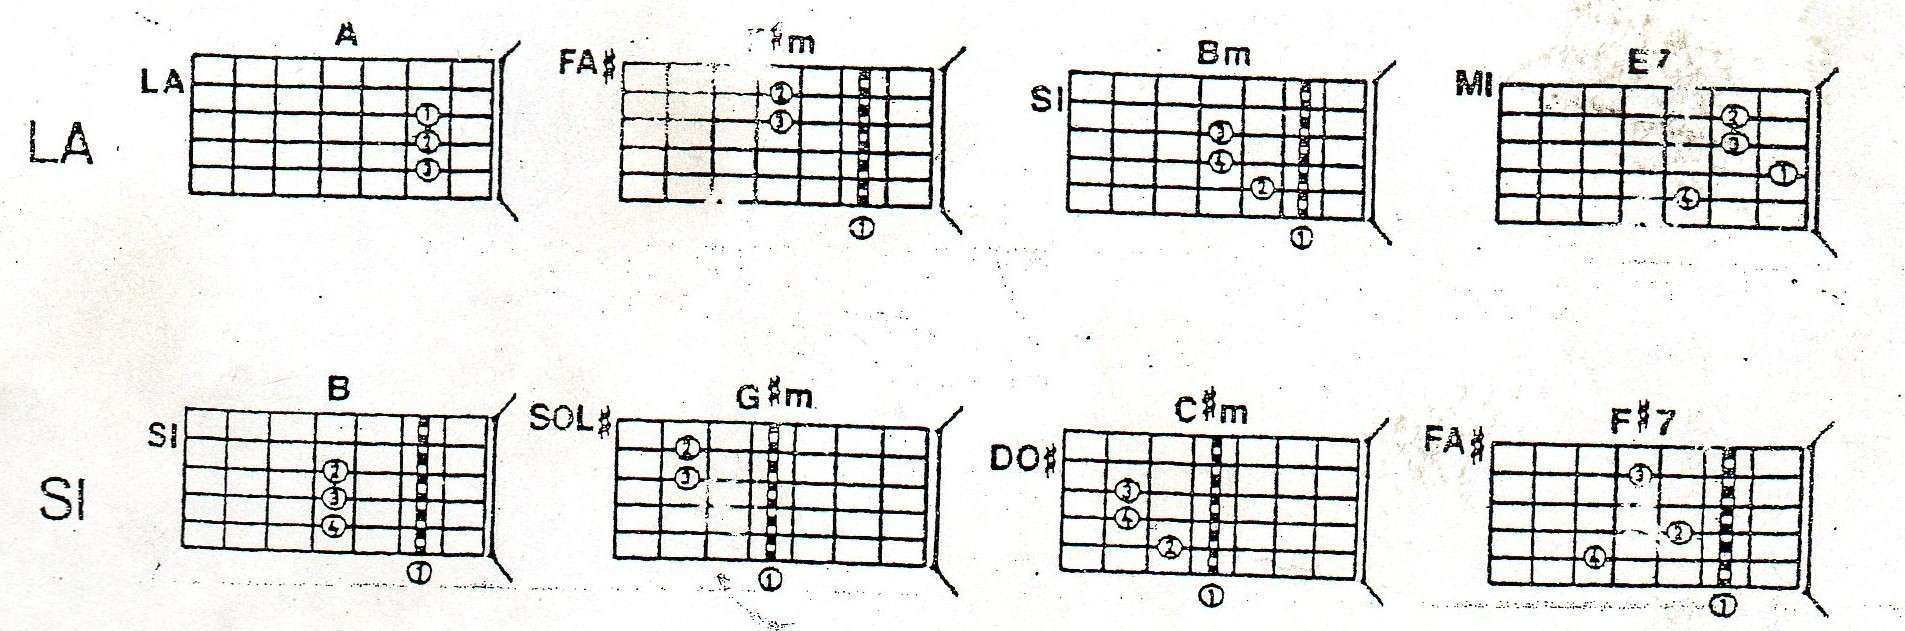 circulos de guitarra la y si